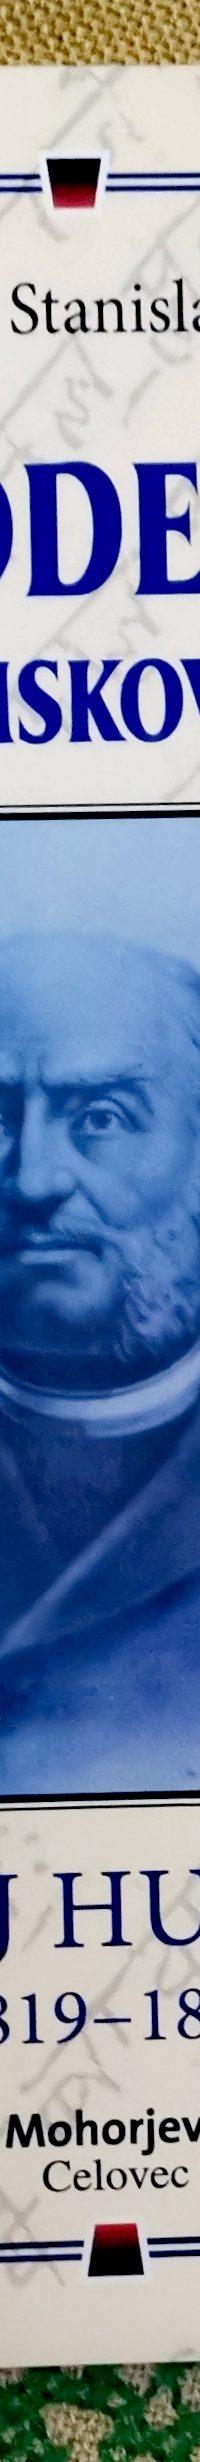 Na policah je 3. izdaja knjige Čudodelnik s Primskovega, Jurij Humar